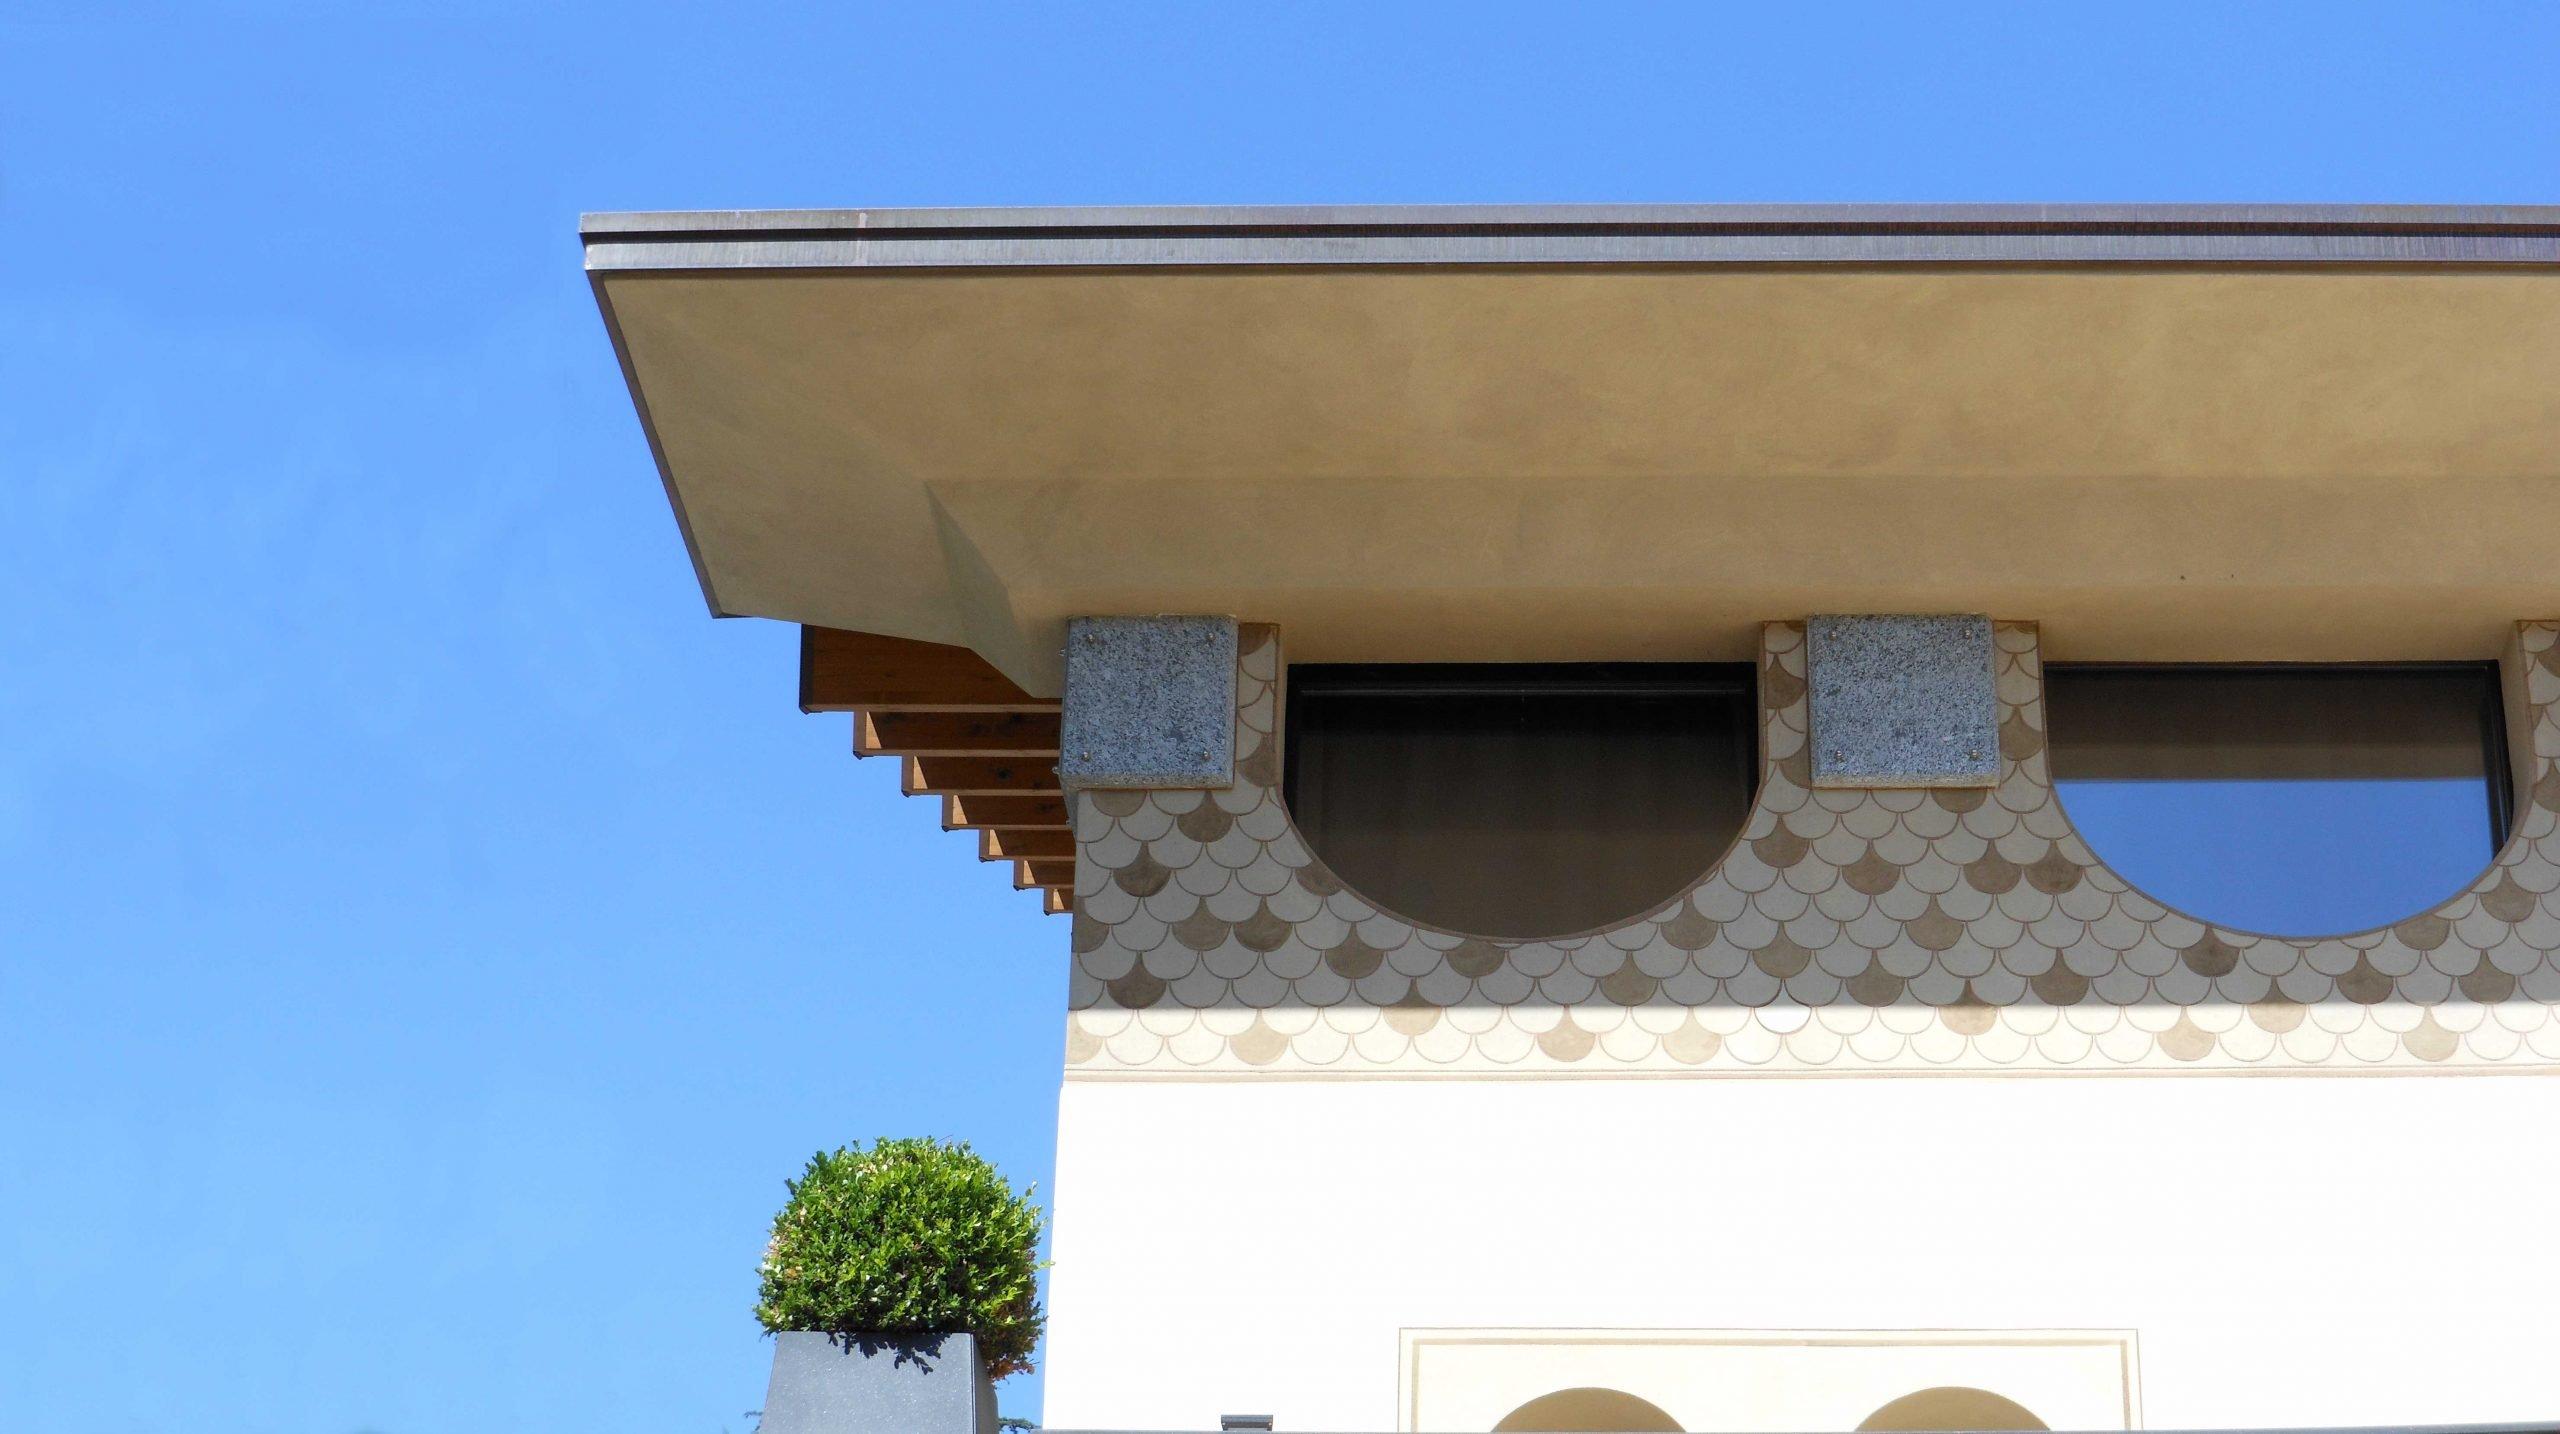 Private Villa - ARCHITETTURA ed INTORNI